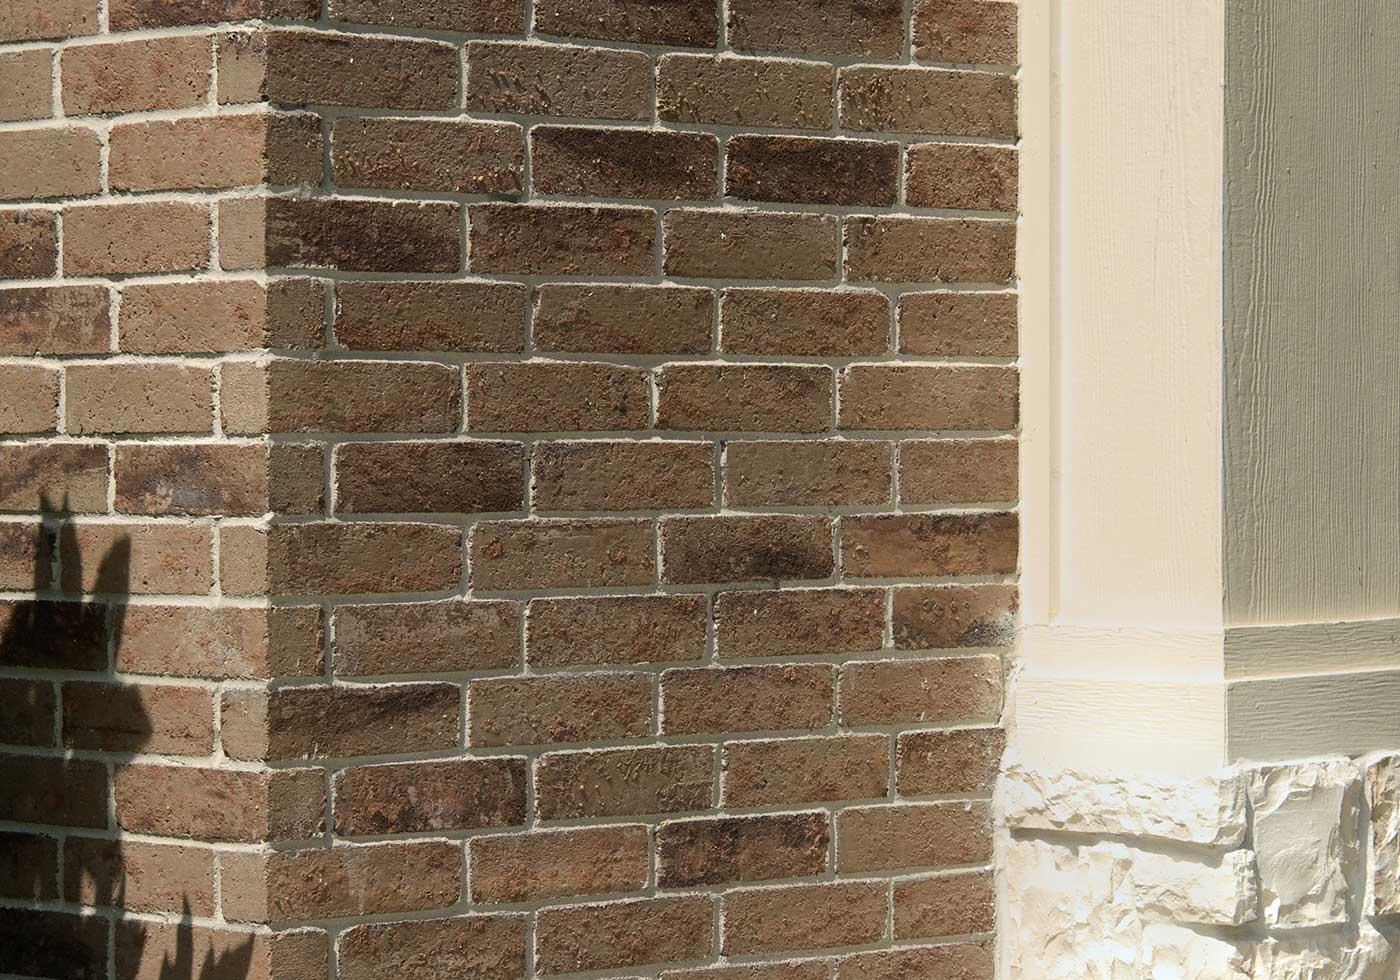 Georgetown brick detail